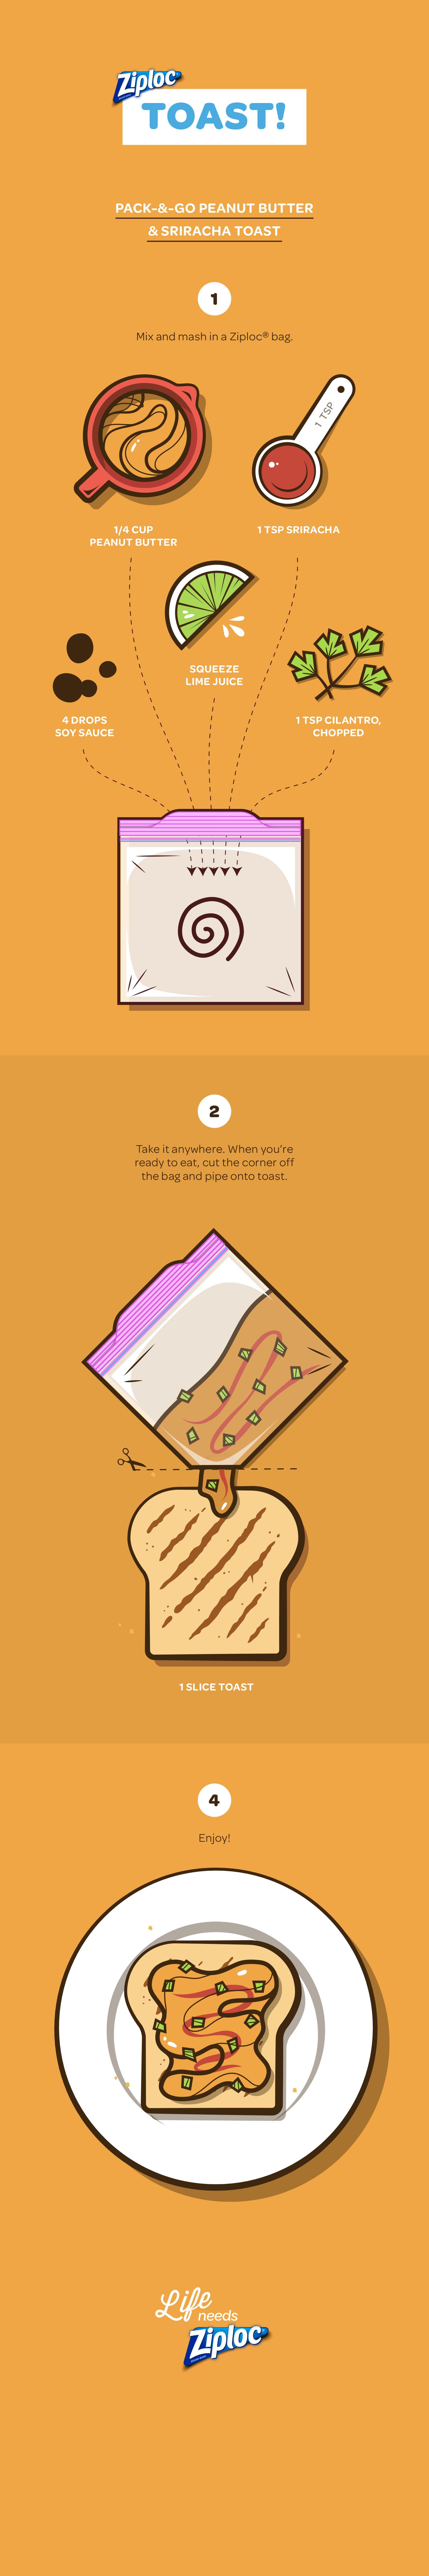 Tostada de mantequilla de maní y sriracha para preparar y salir